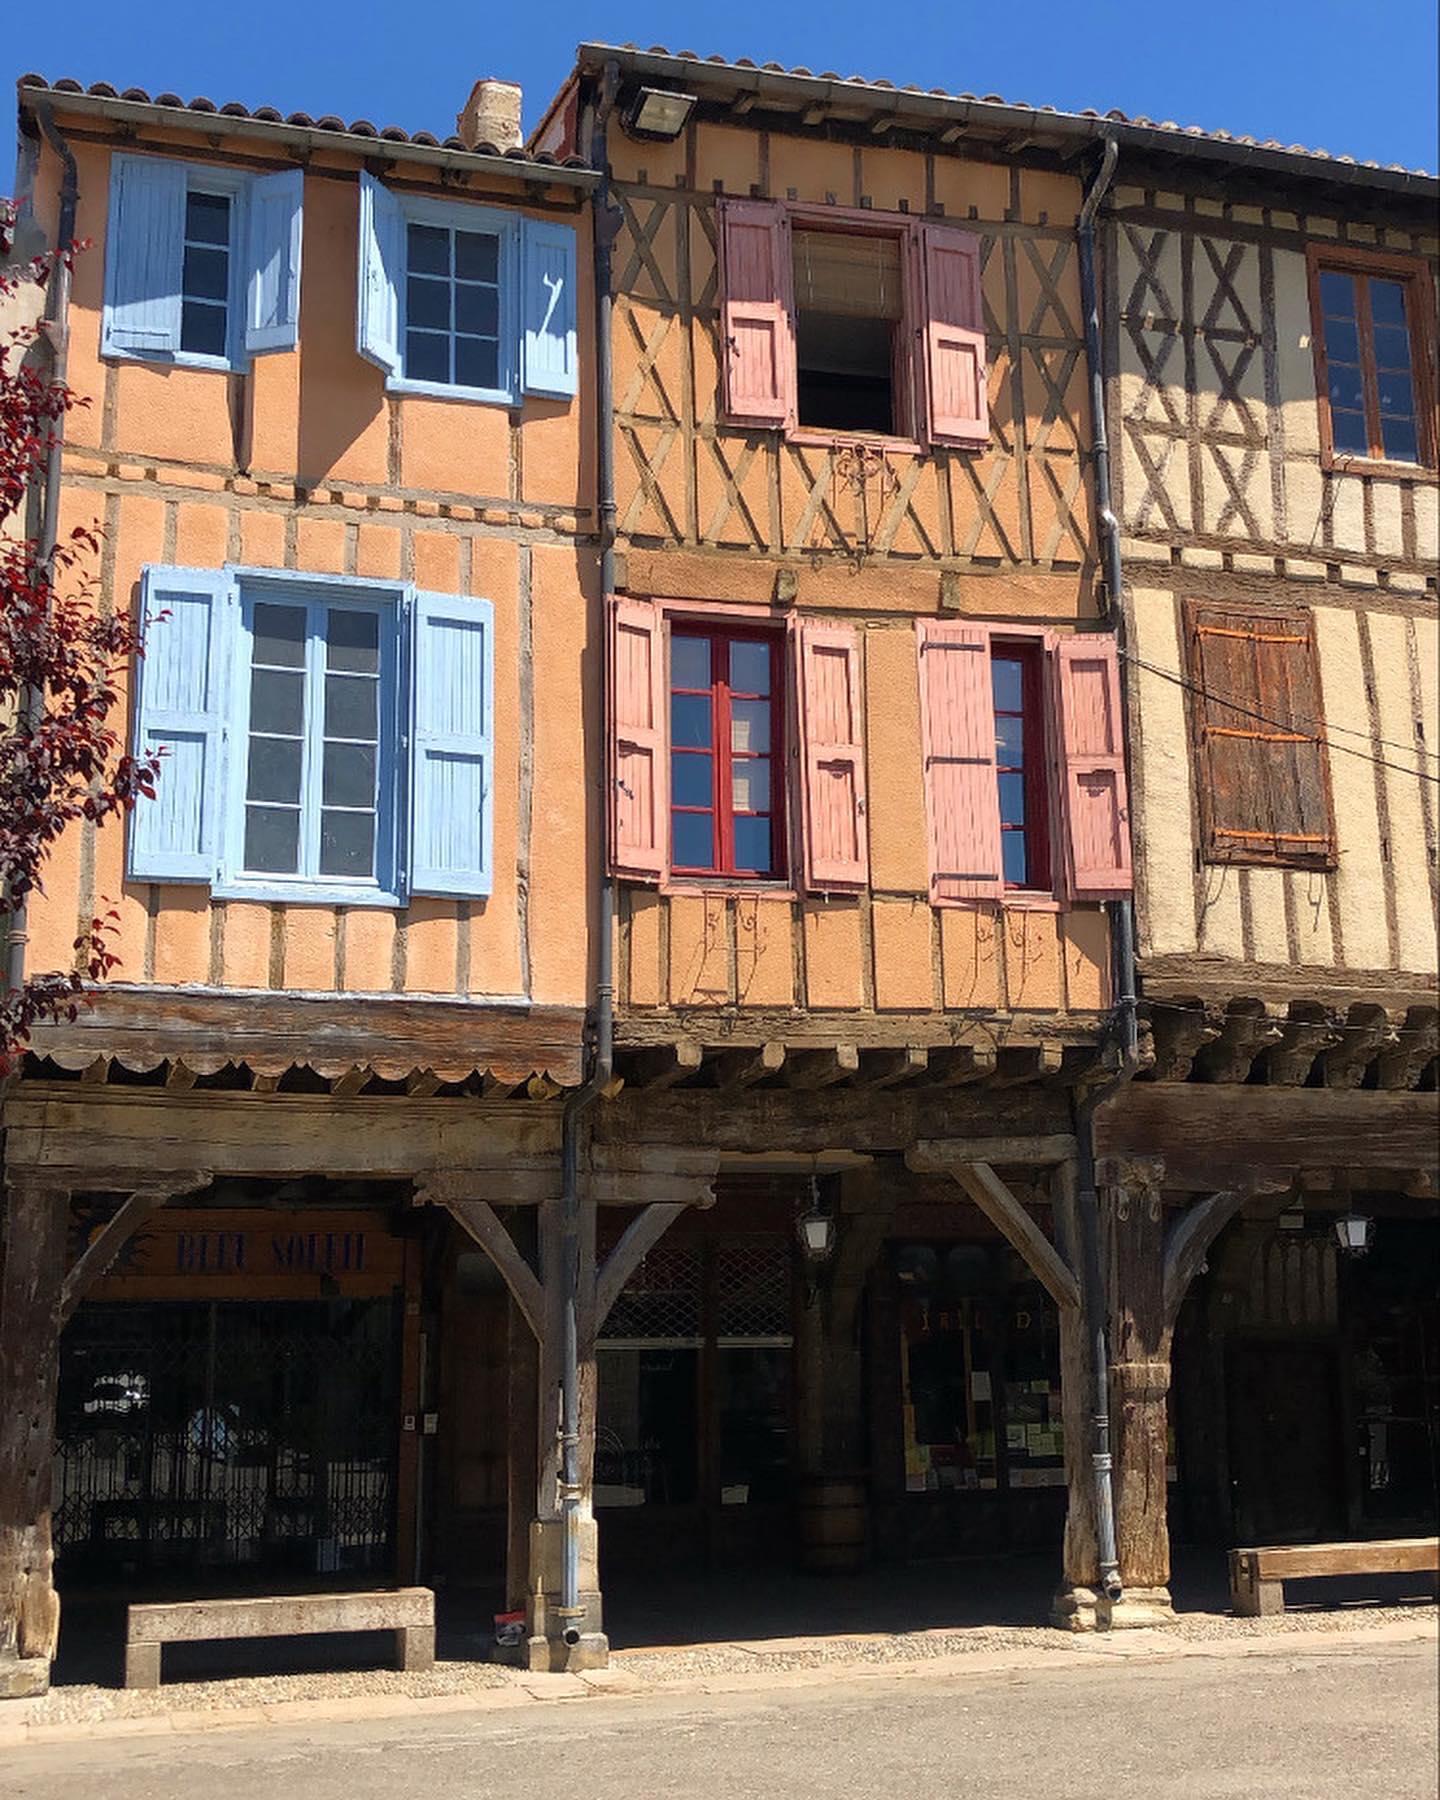 Mirepoix, eine kleine Stadt südöstlich von Toulouse Richtung Pyrenäen,…